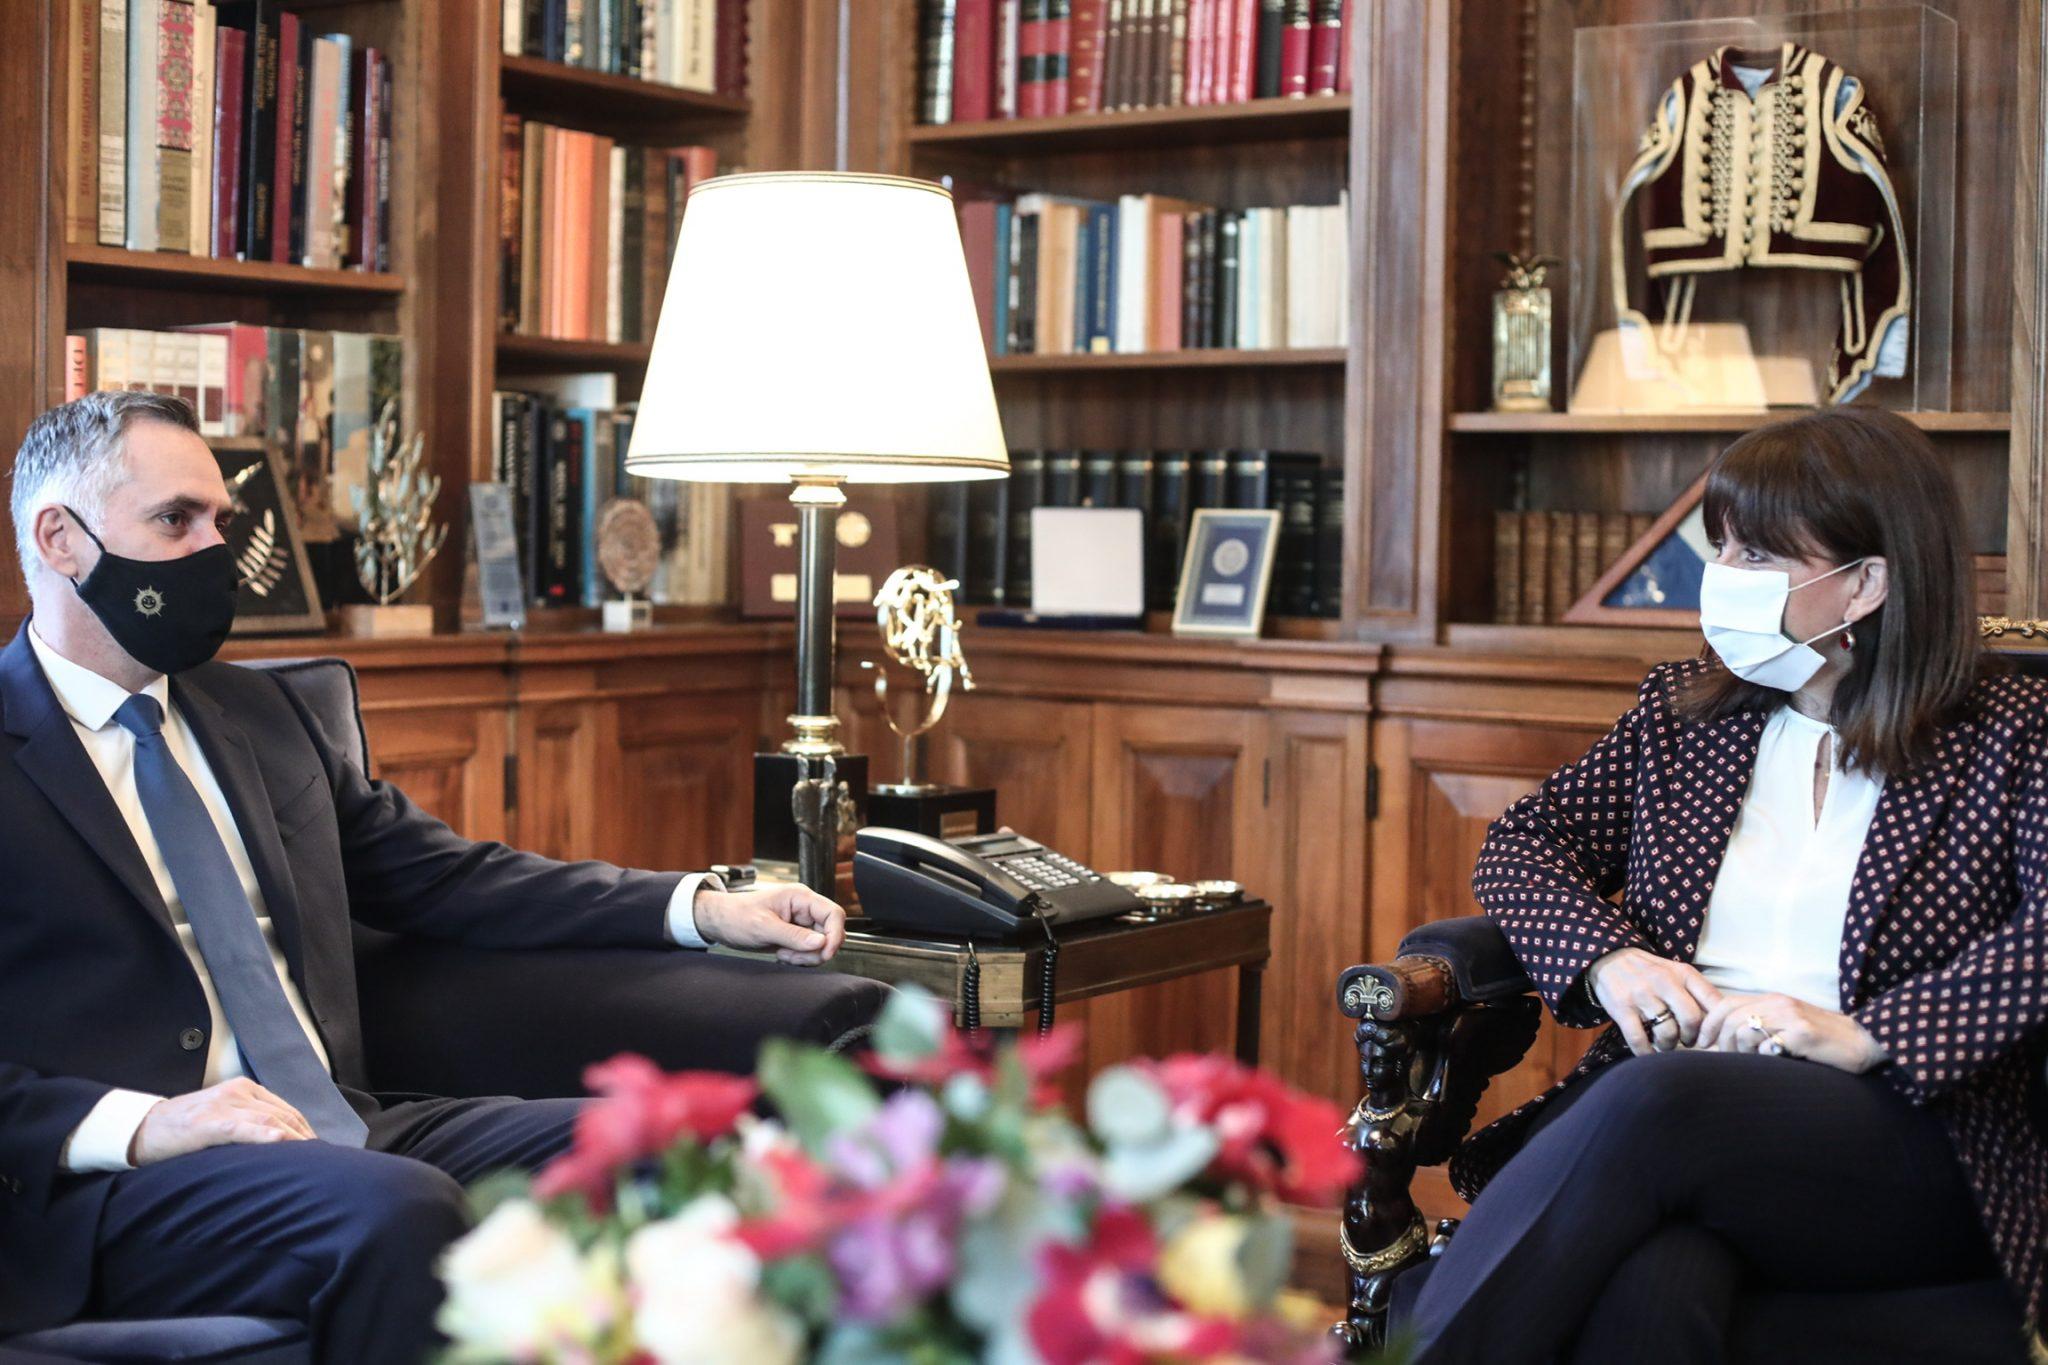 Σακελλαροπούλου: Συνάντηση με τον Πρόεδρο του ΔΗ.ΚΟ. Κύπρου Νικόλα Παπαδόπουλο